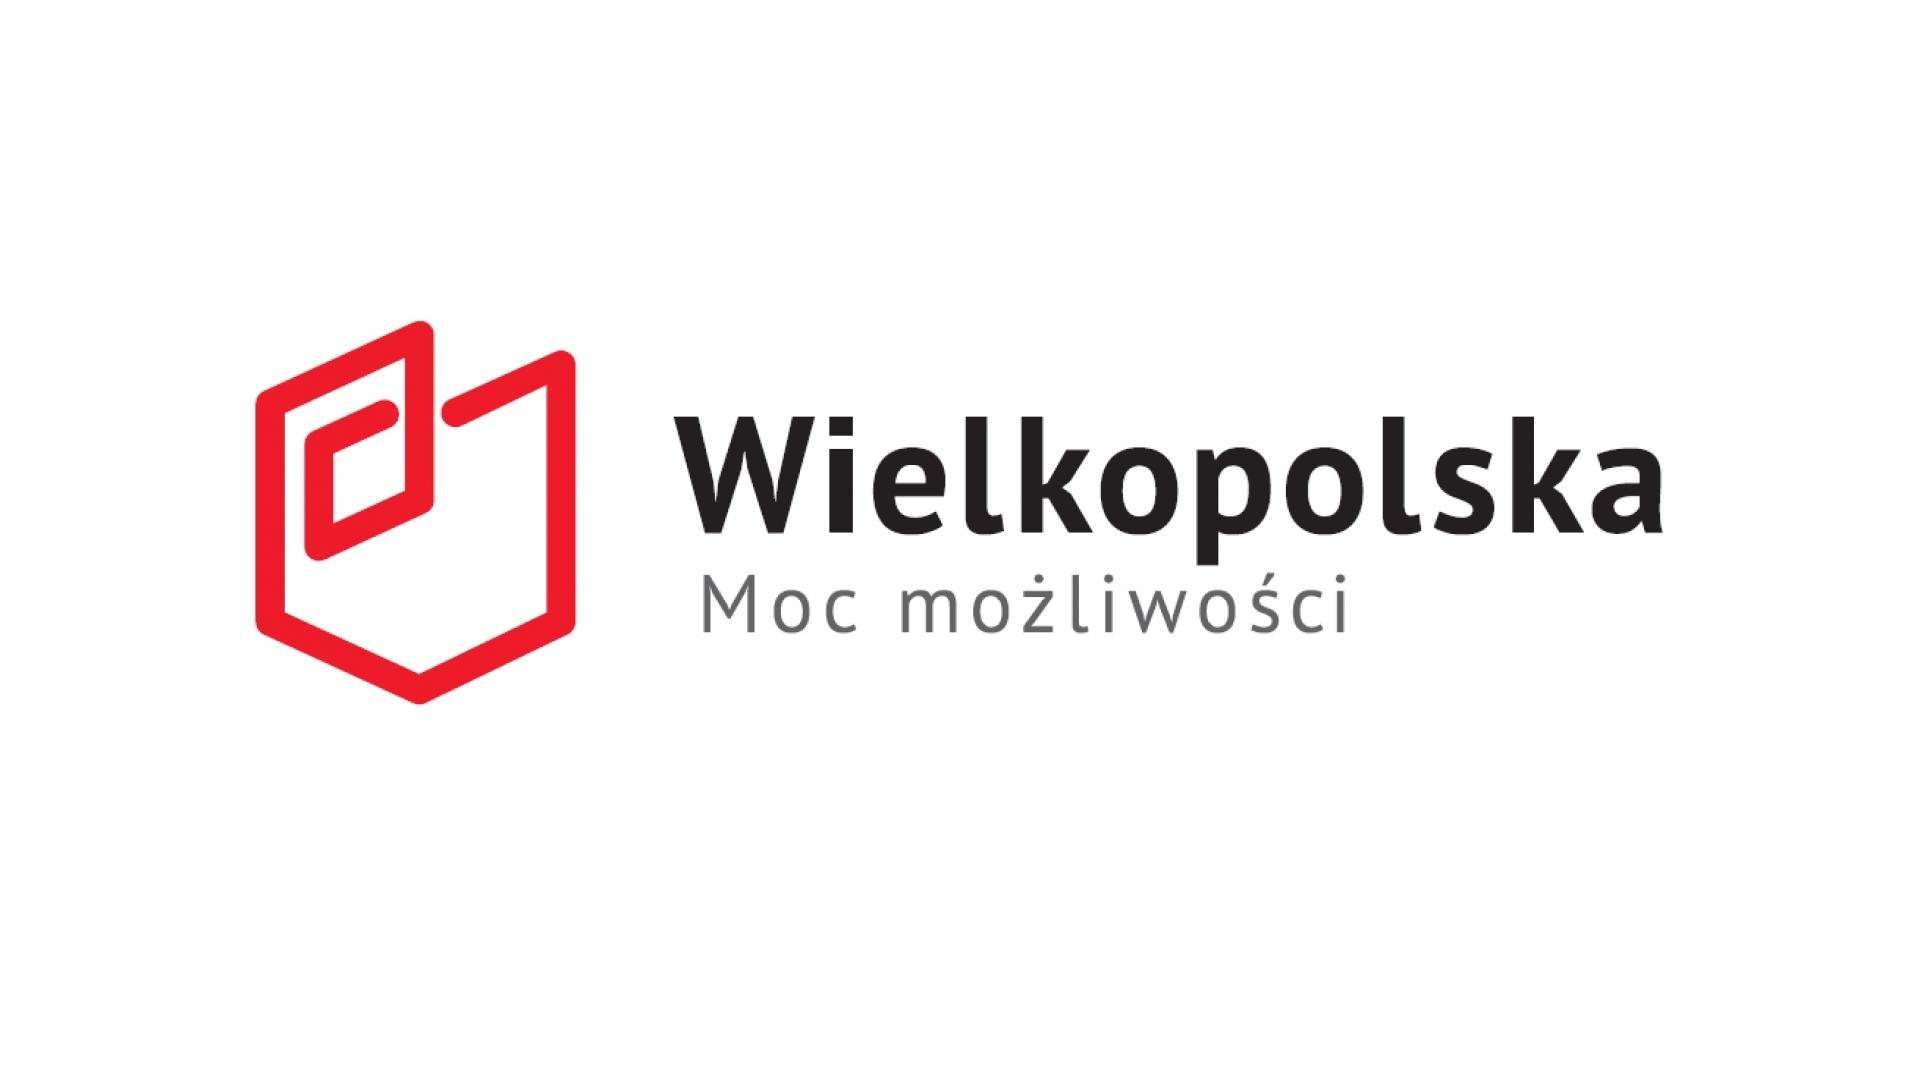 """Webinarium Eksport i inwestycje w Wielkopolsce – oferta dla niemieckich przedsiębiorców"""" – nowy termin! - zobacz więcej"""